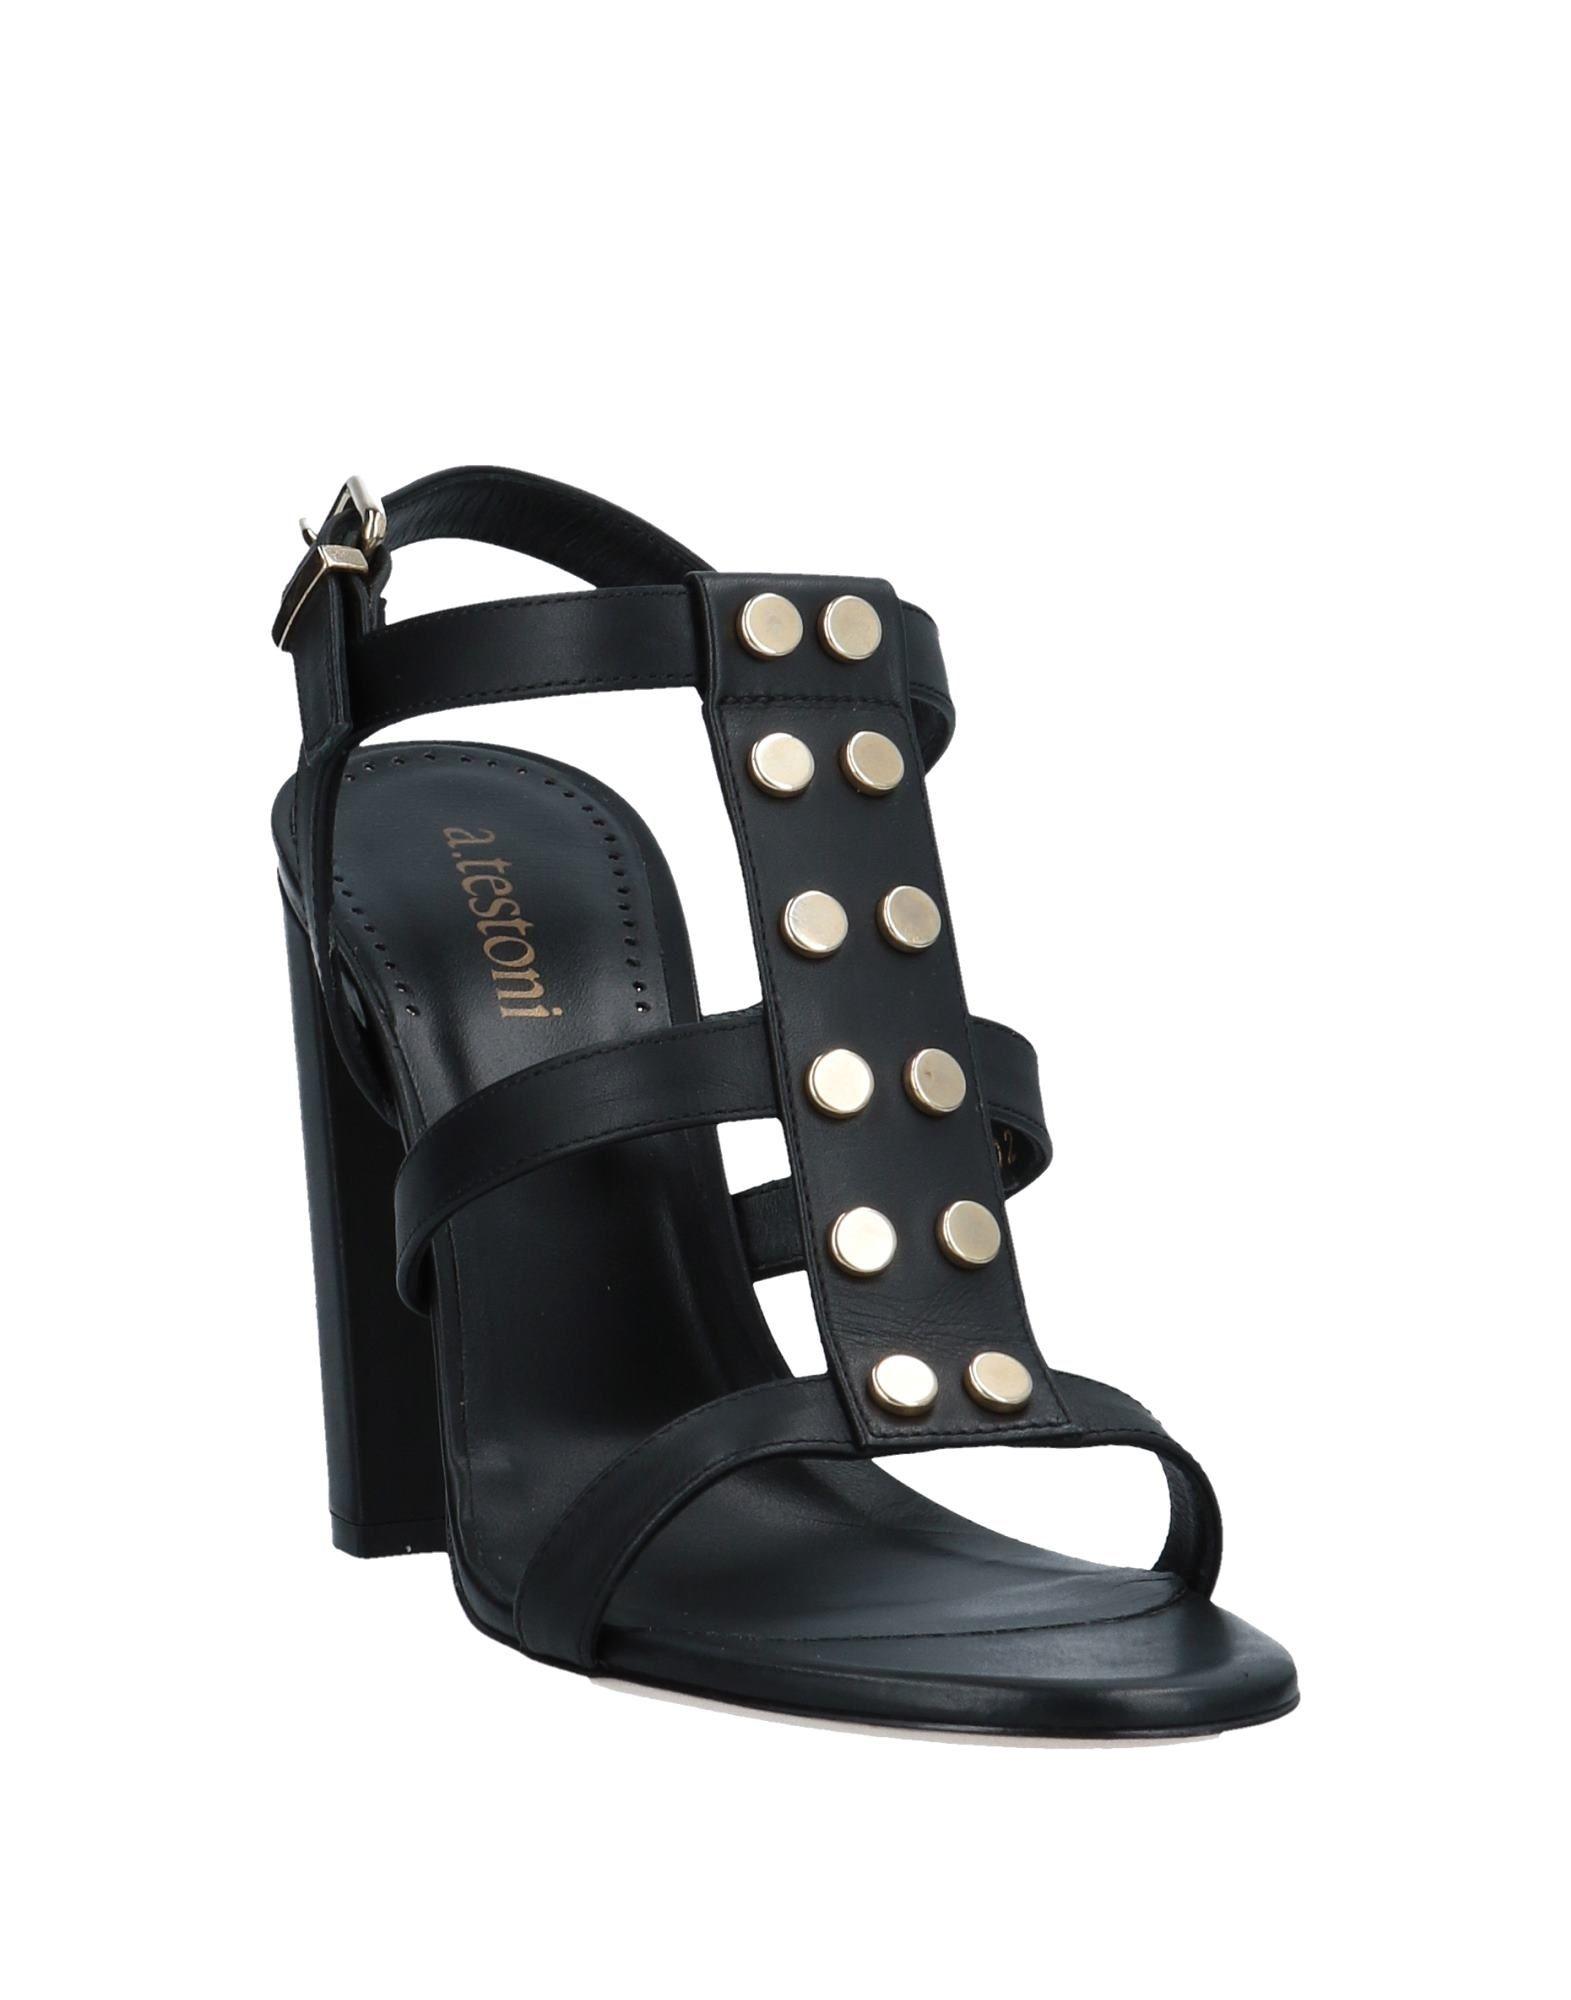 A.Testoni Sandalen Damen Schuhe  11548689ADGut aussehende strapazierfähige Schuhe Damen bbd844